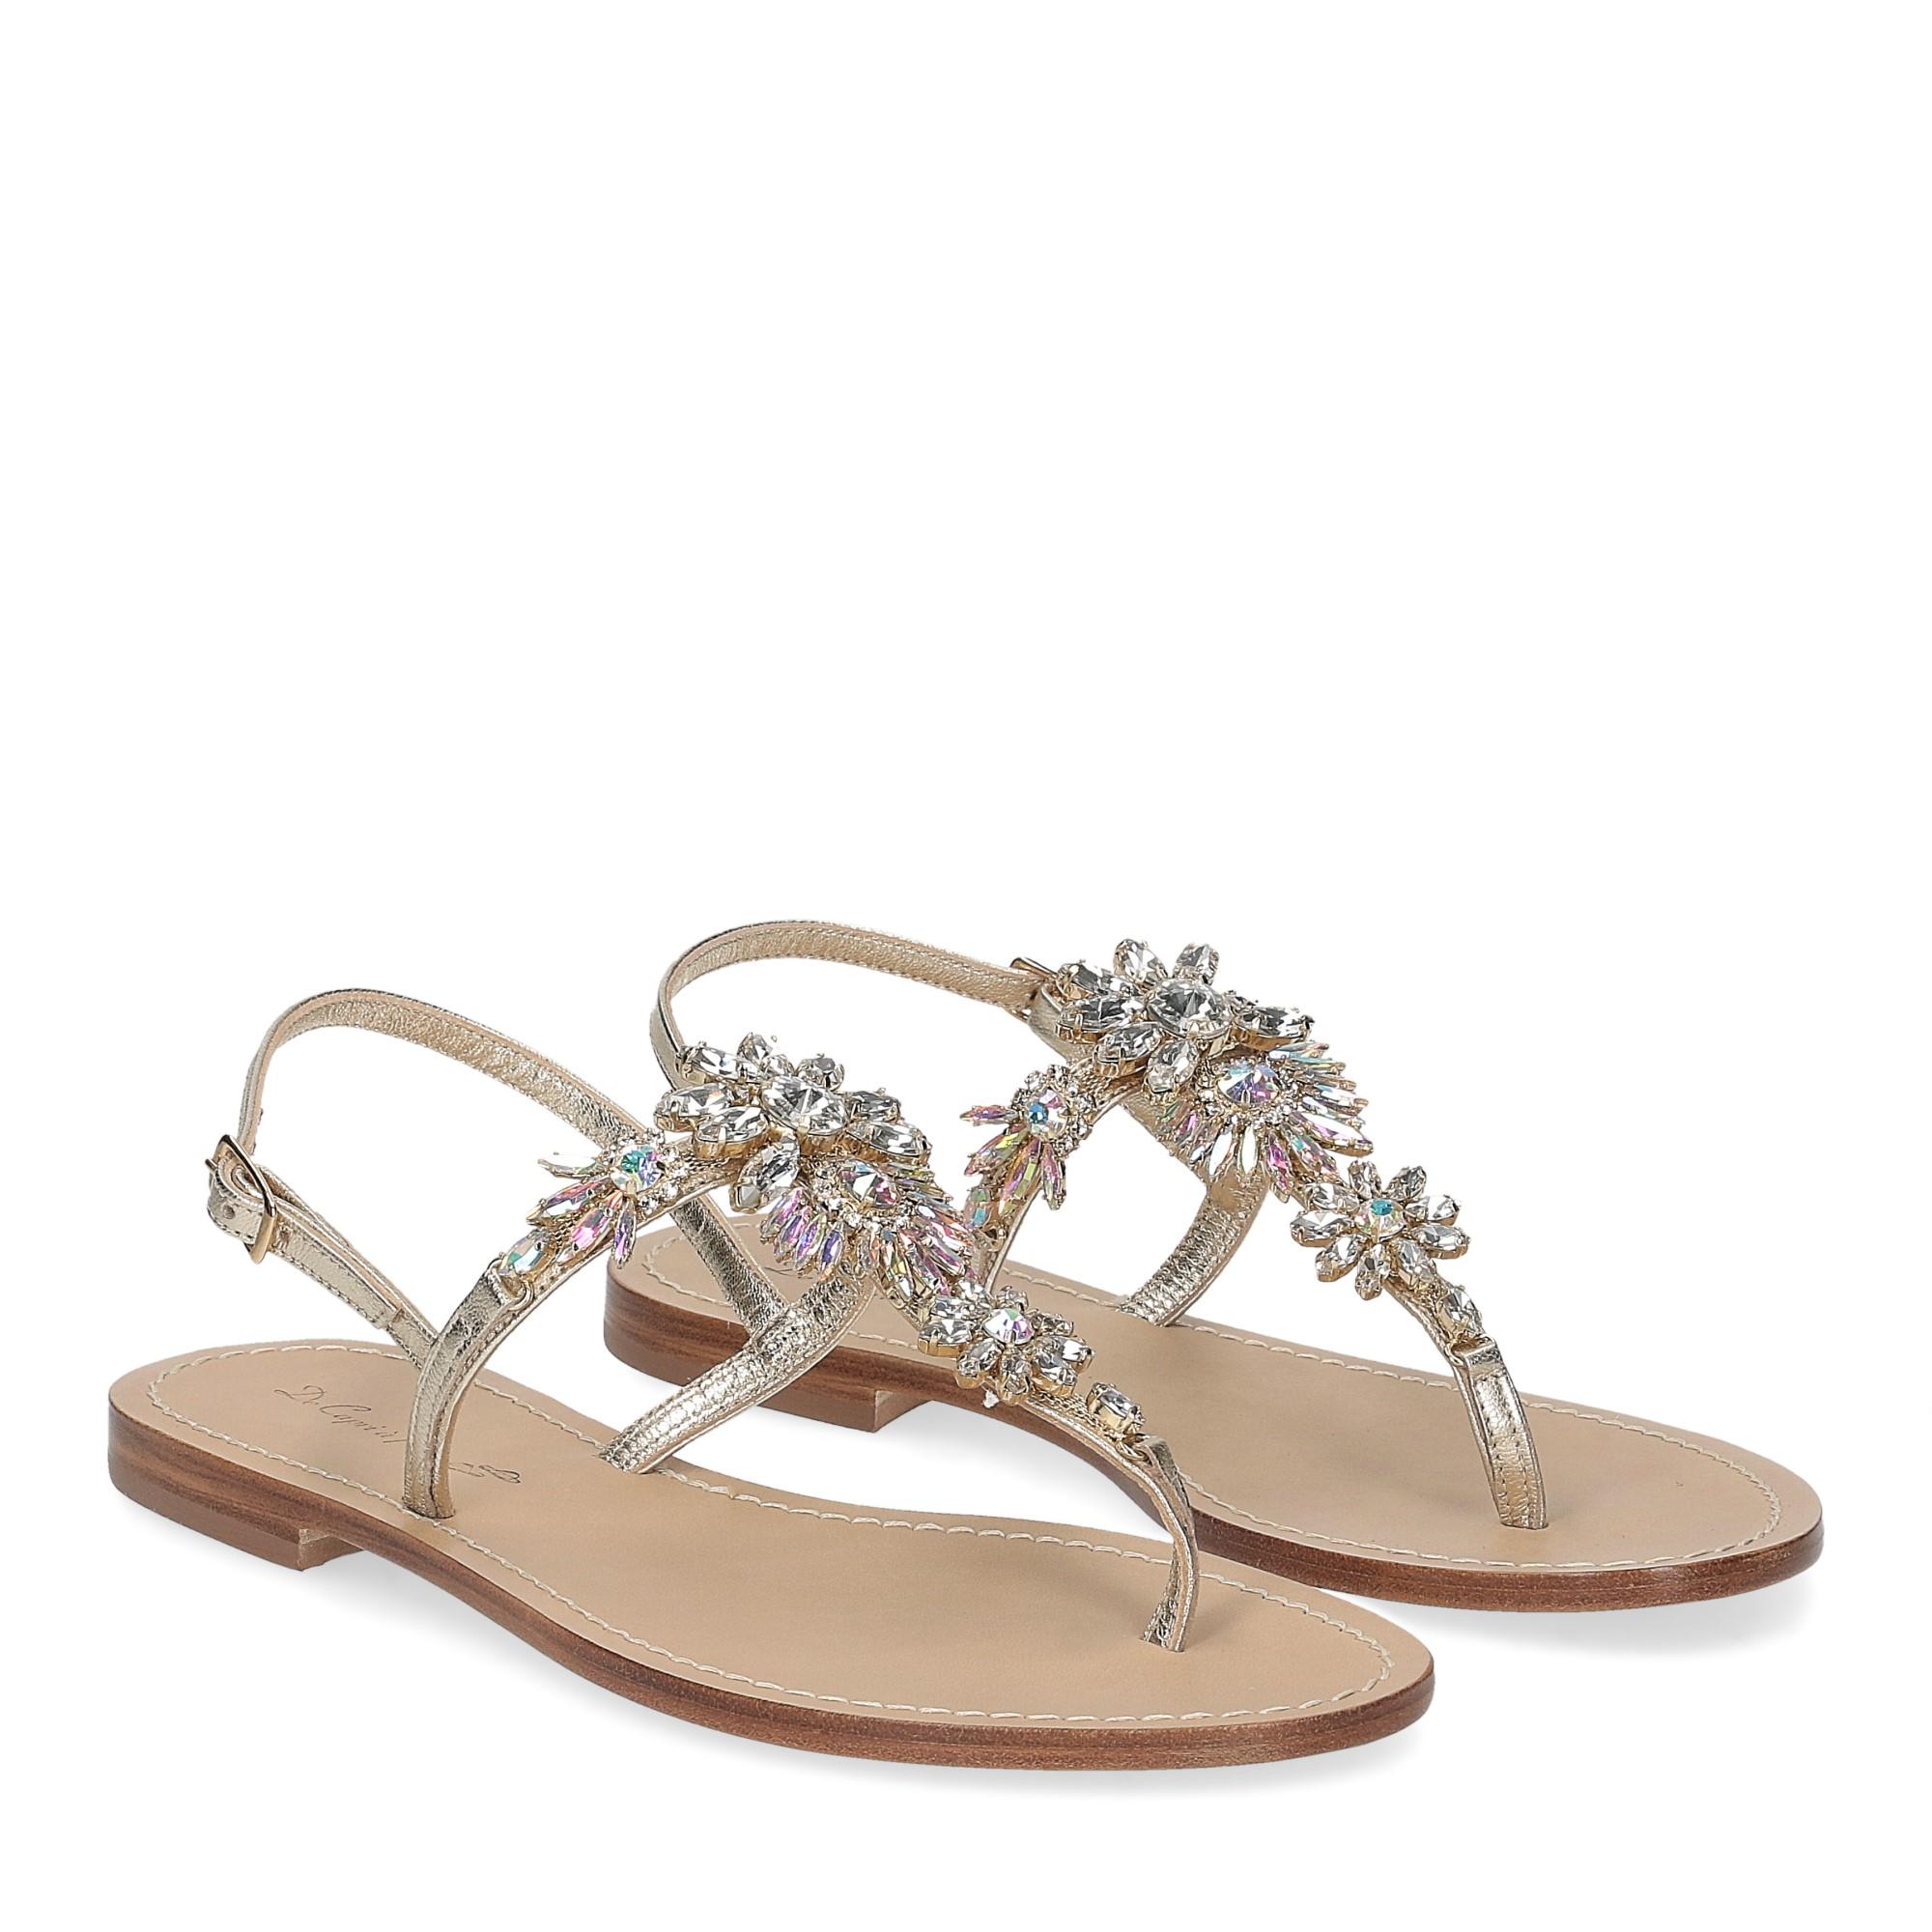 De Capri a Paris sandalo infradito gioiello pelle platino